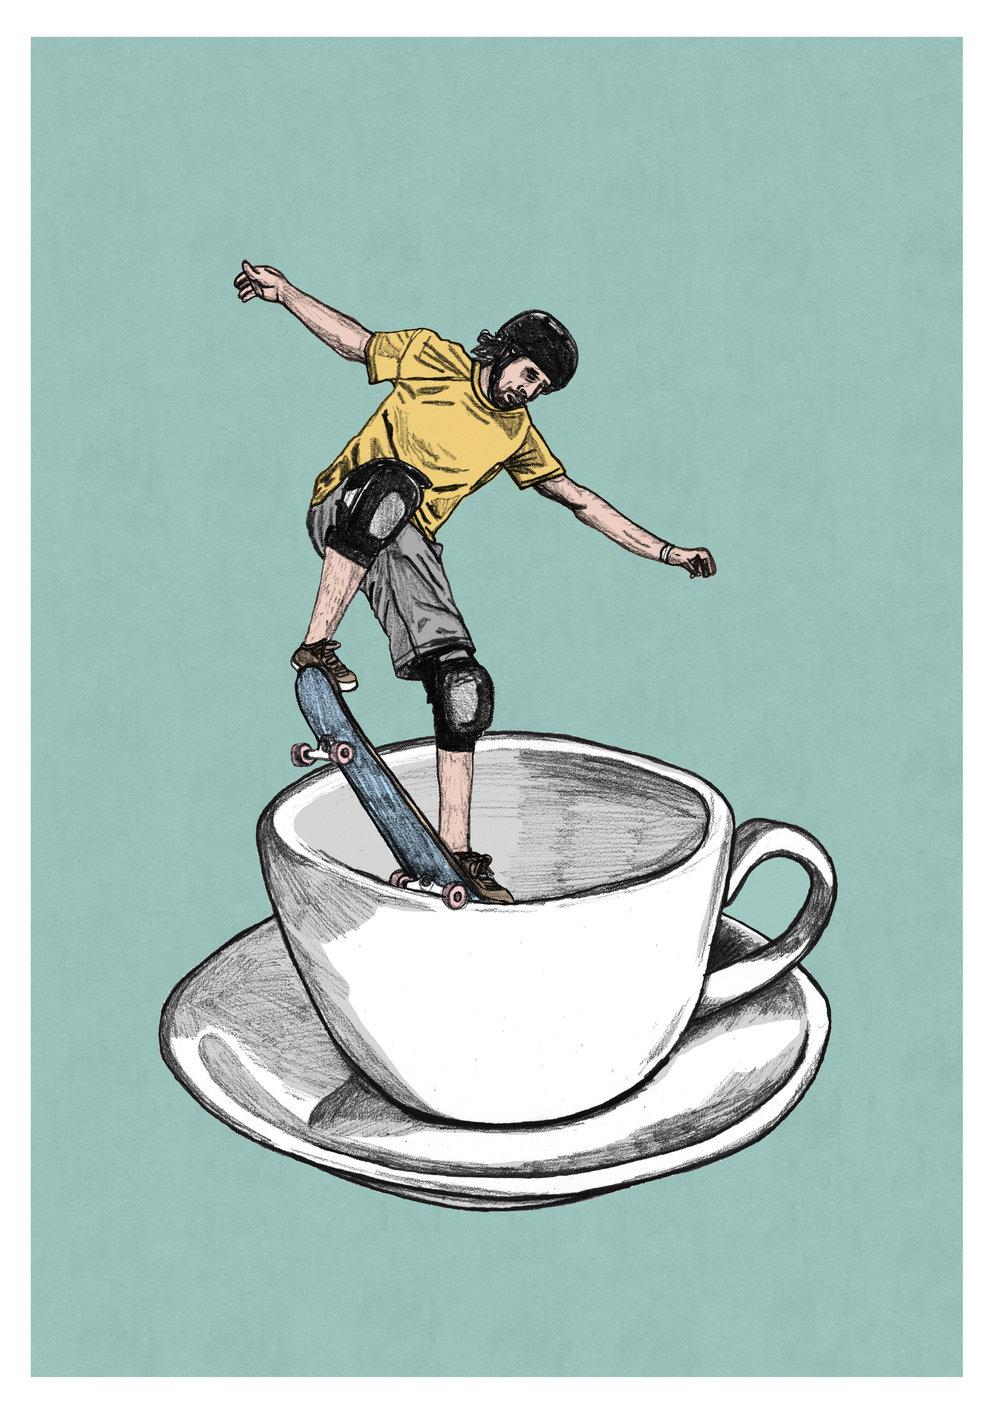 coffee+mug+skater+1.jpg